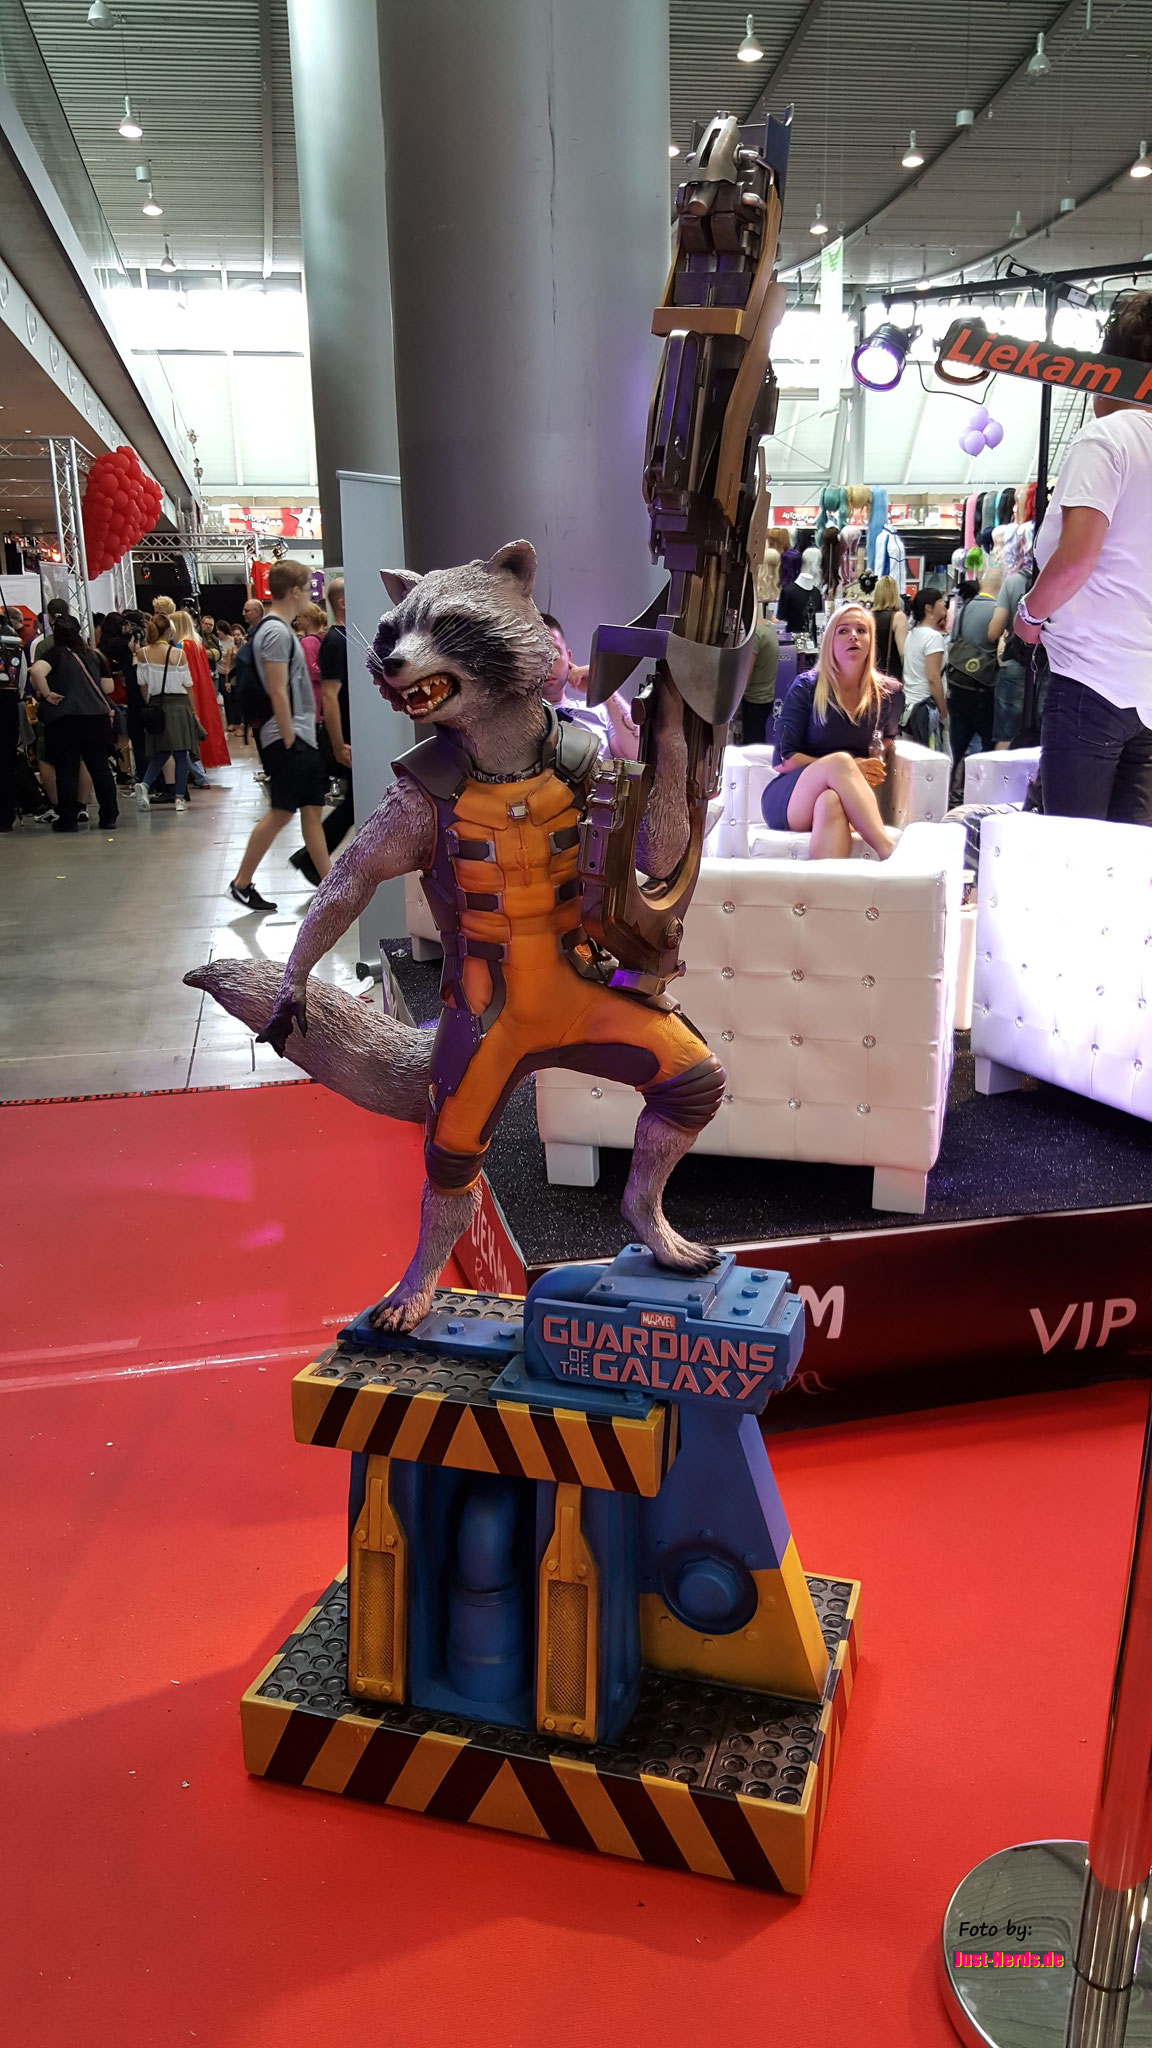 Rocket Racoon, lief auch als Cosplay auf der Messe rum